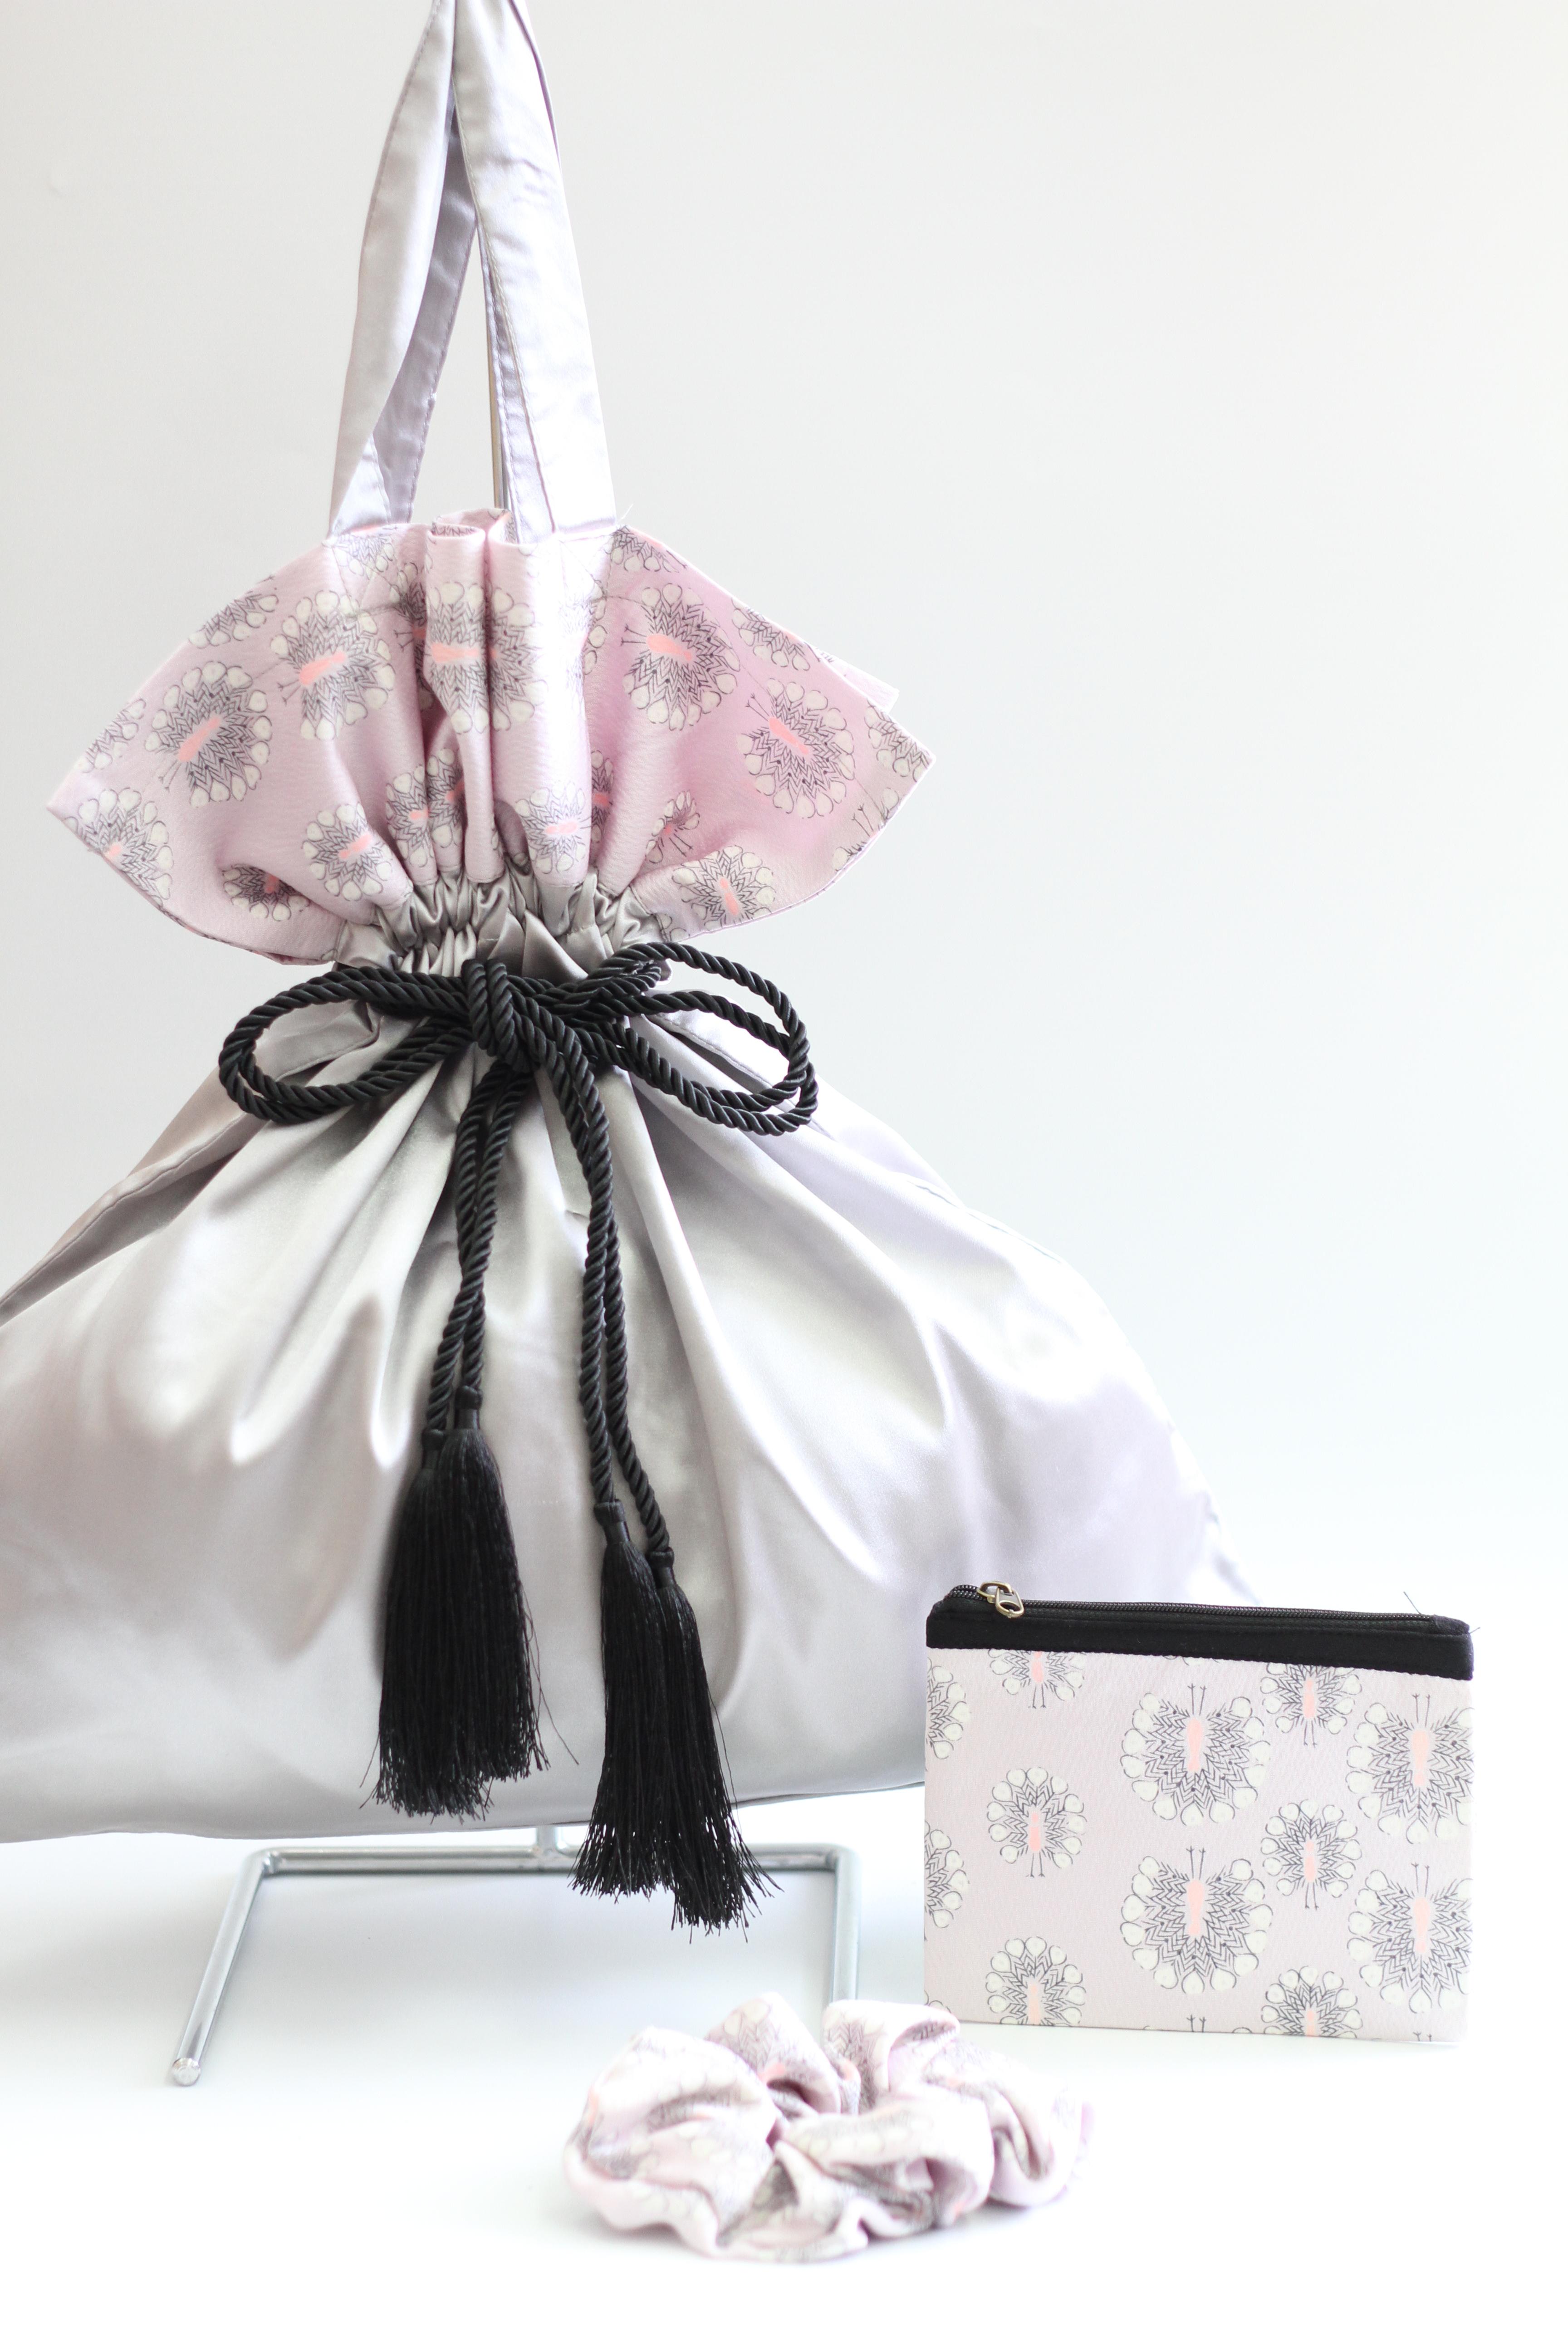 【KIMONO】キャンディバッグ・miniポーチ・シュシュの3点セット #19